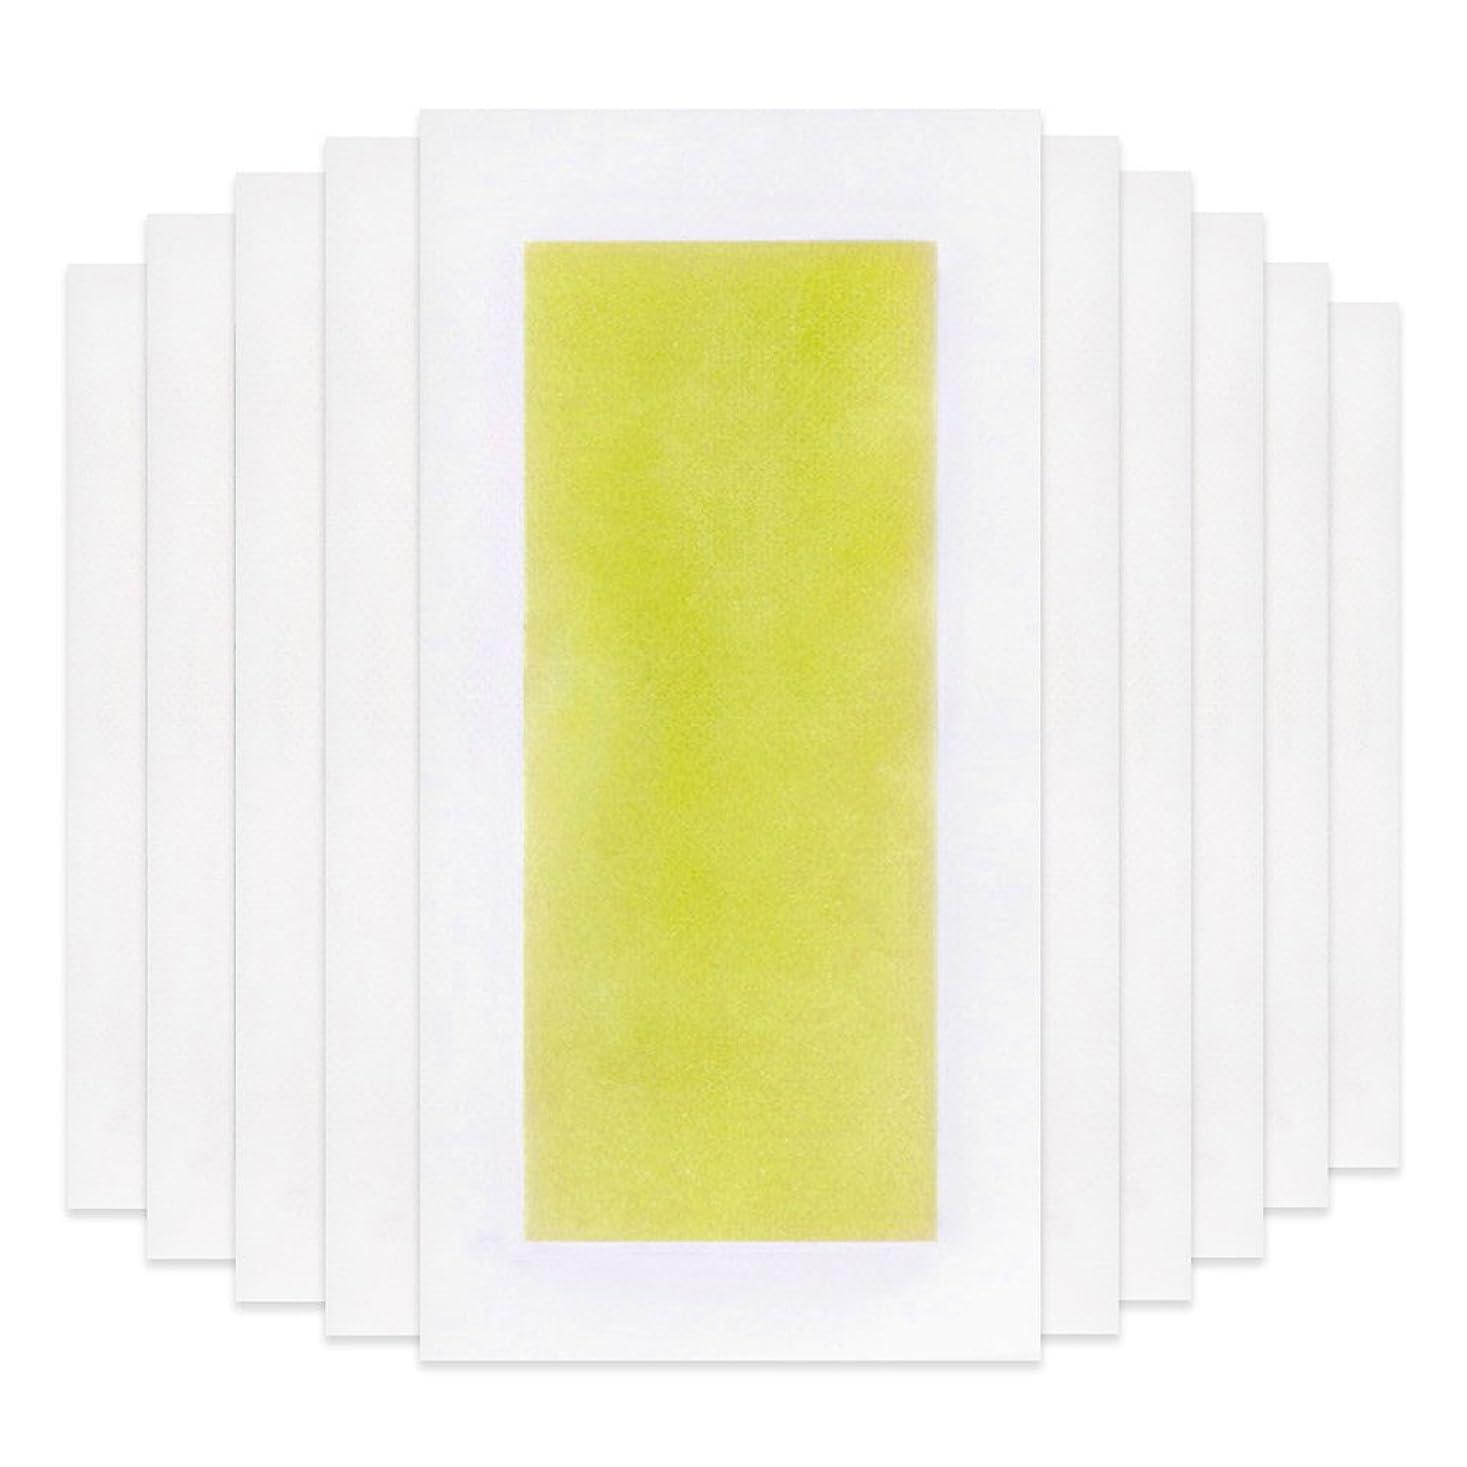 どんよりしたバルーン神Rabugoo 脚の身体の顔のための10個のプロフェッショナルな夏の脱毛ダブルサイドコールドワックスストリップ紙 Yellow